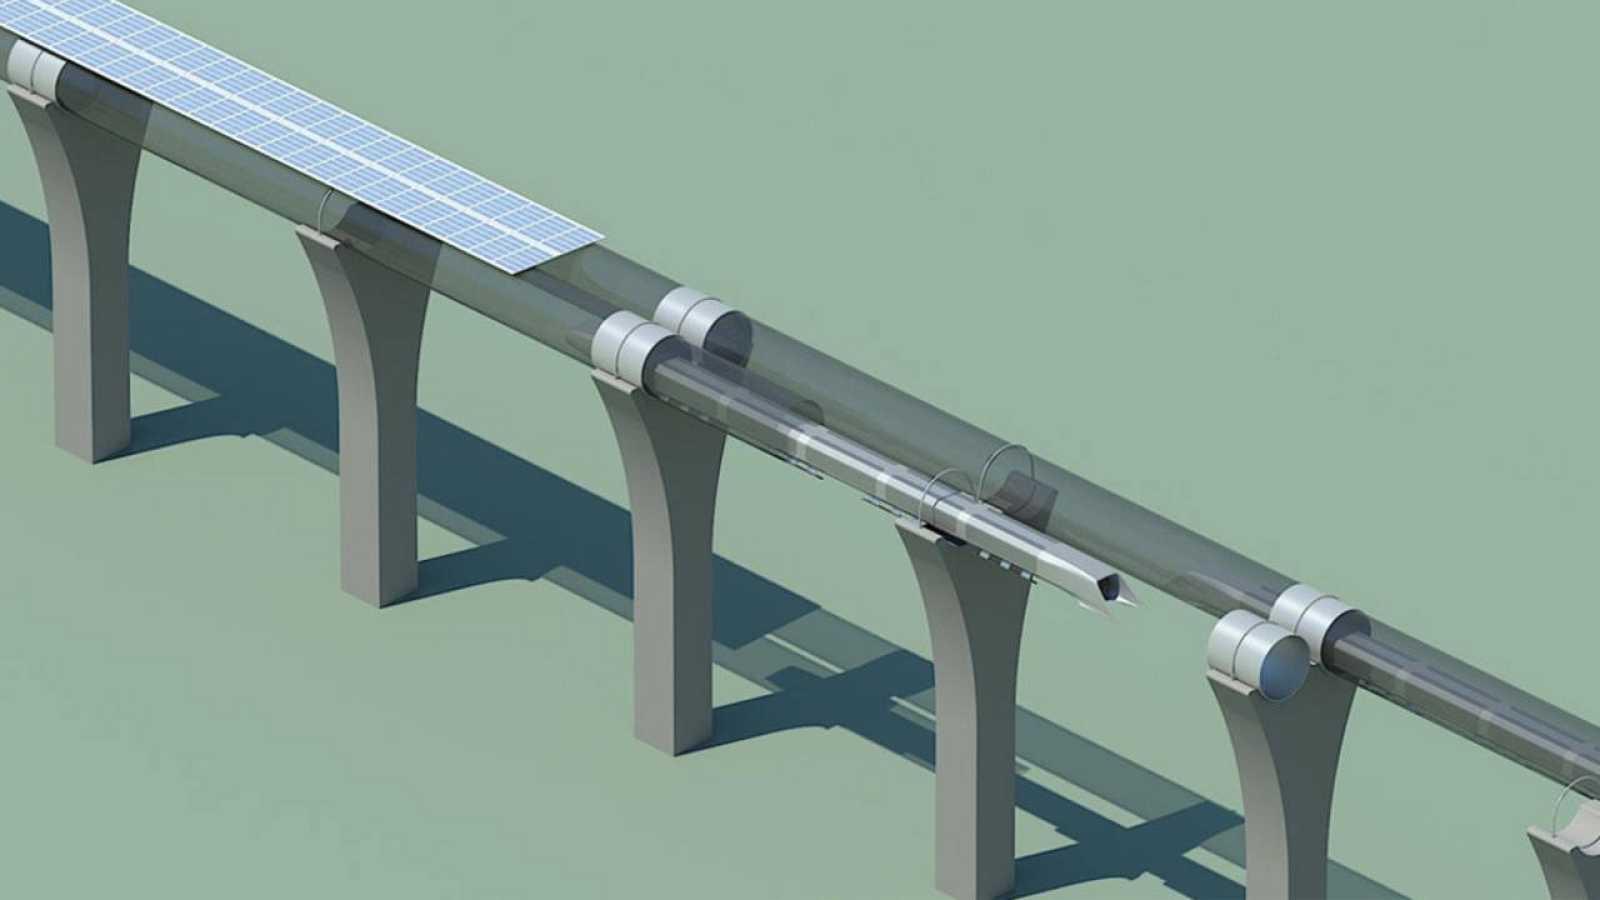 Los tubos por donde viajan las cápsulas irán recubiertos de paneles solares.